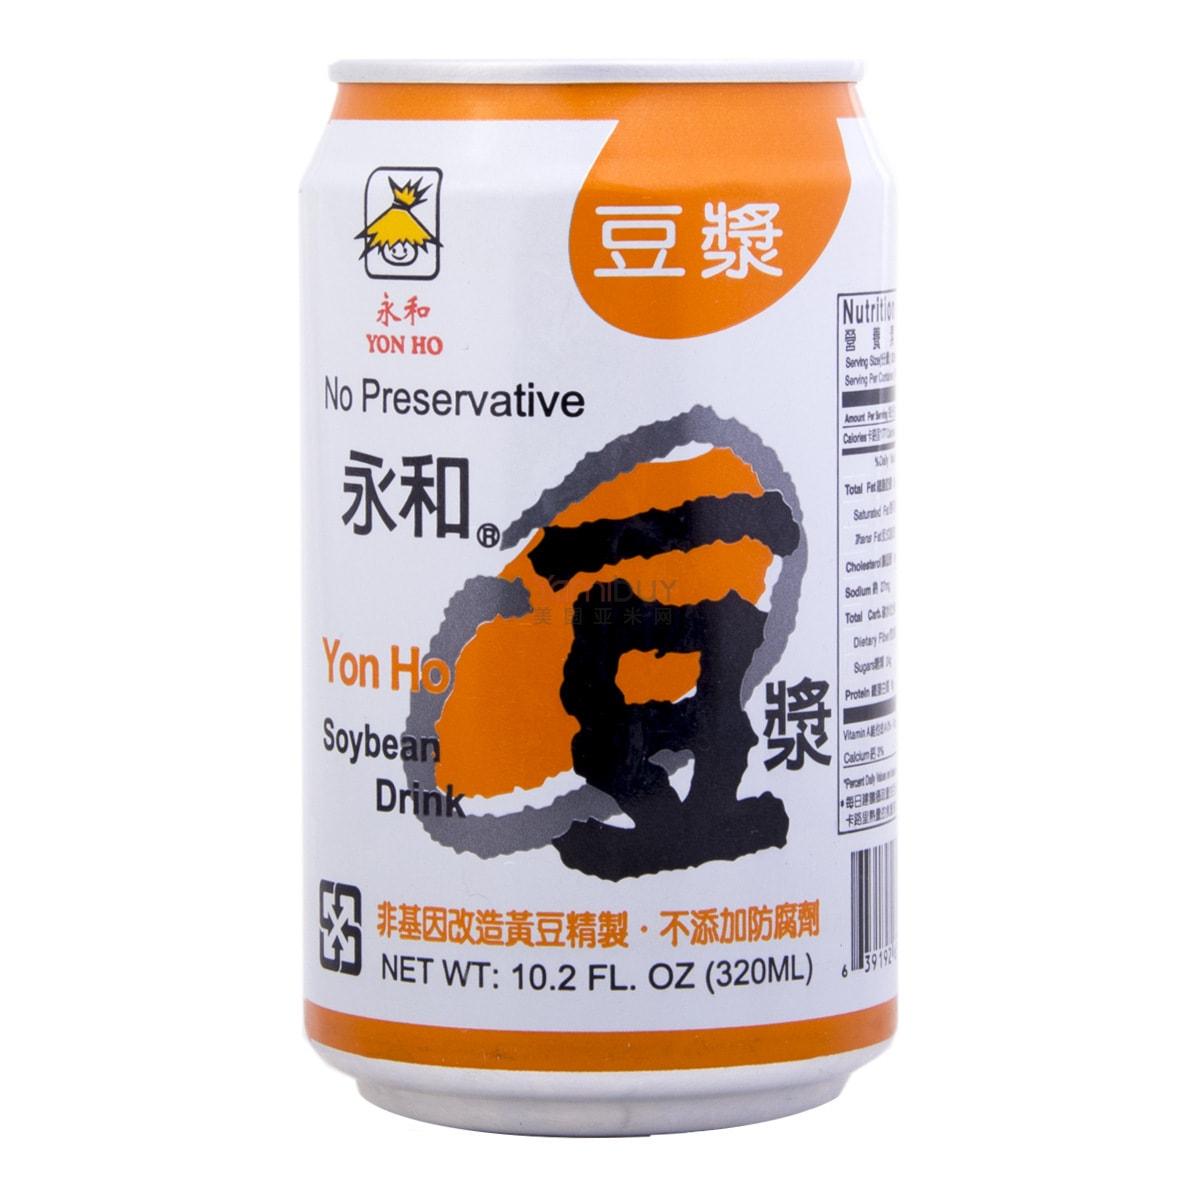 YON HO Soybean Drink 320ml